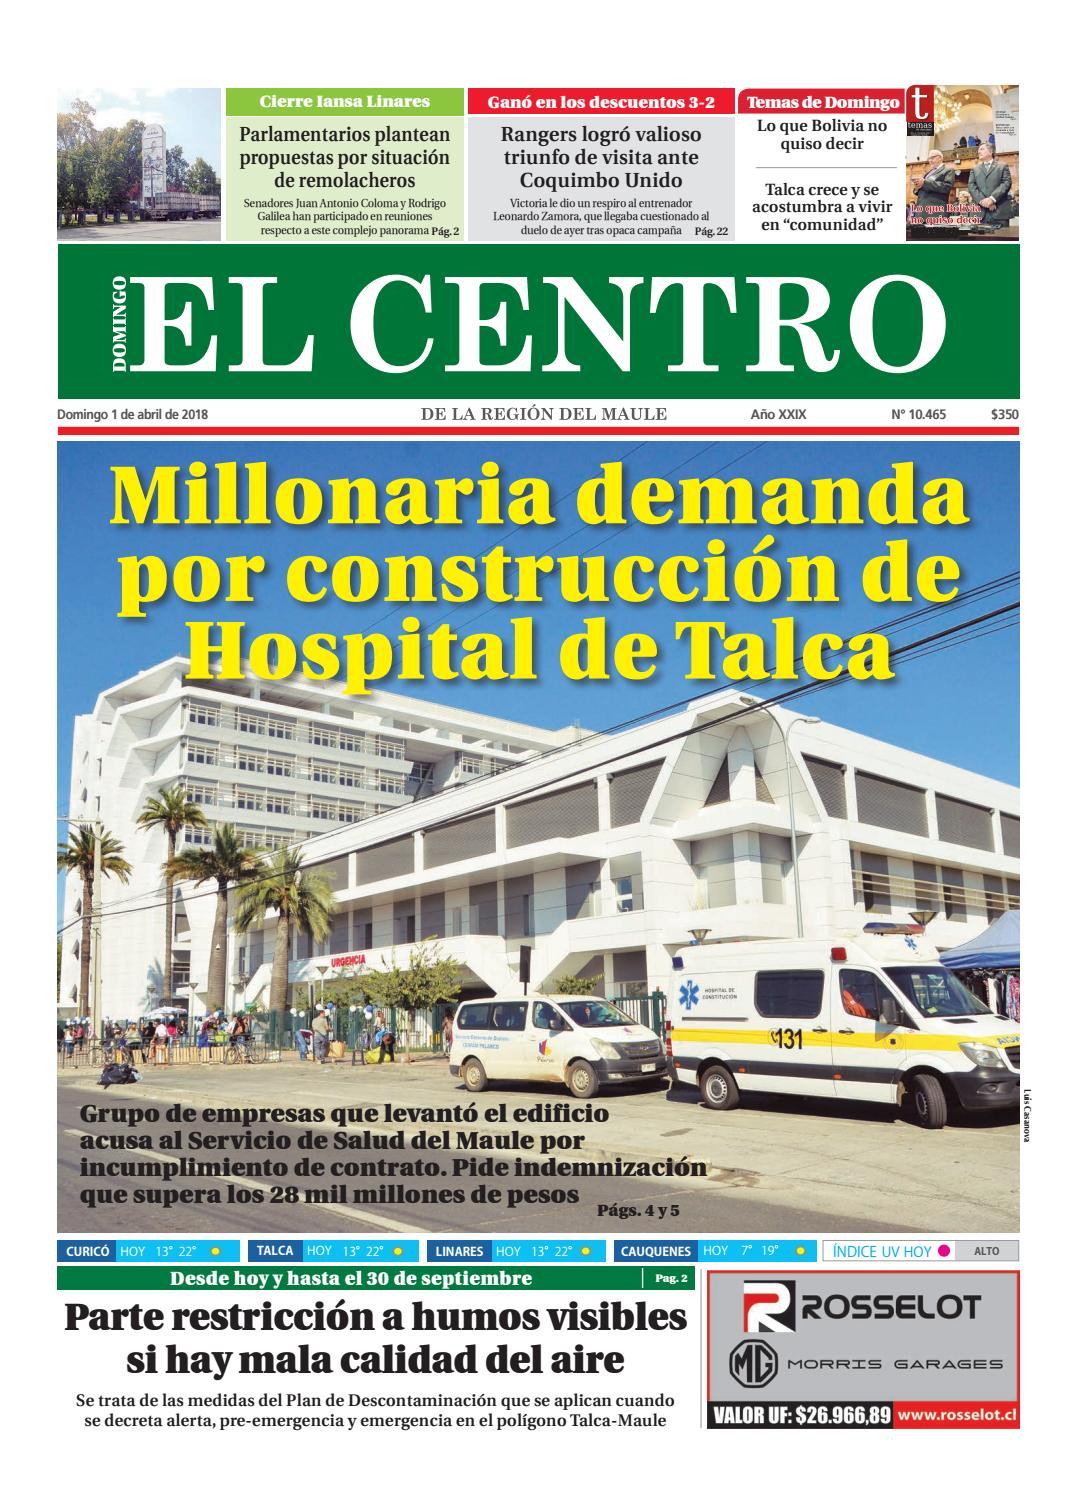 Diario 01 03 2018 By Diario El Centro S A Issuu